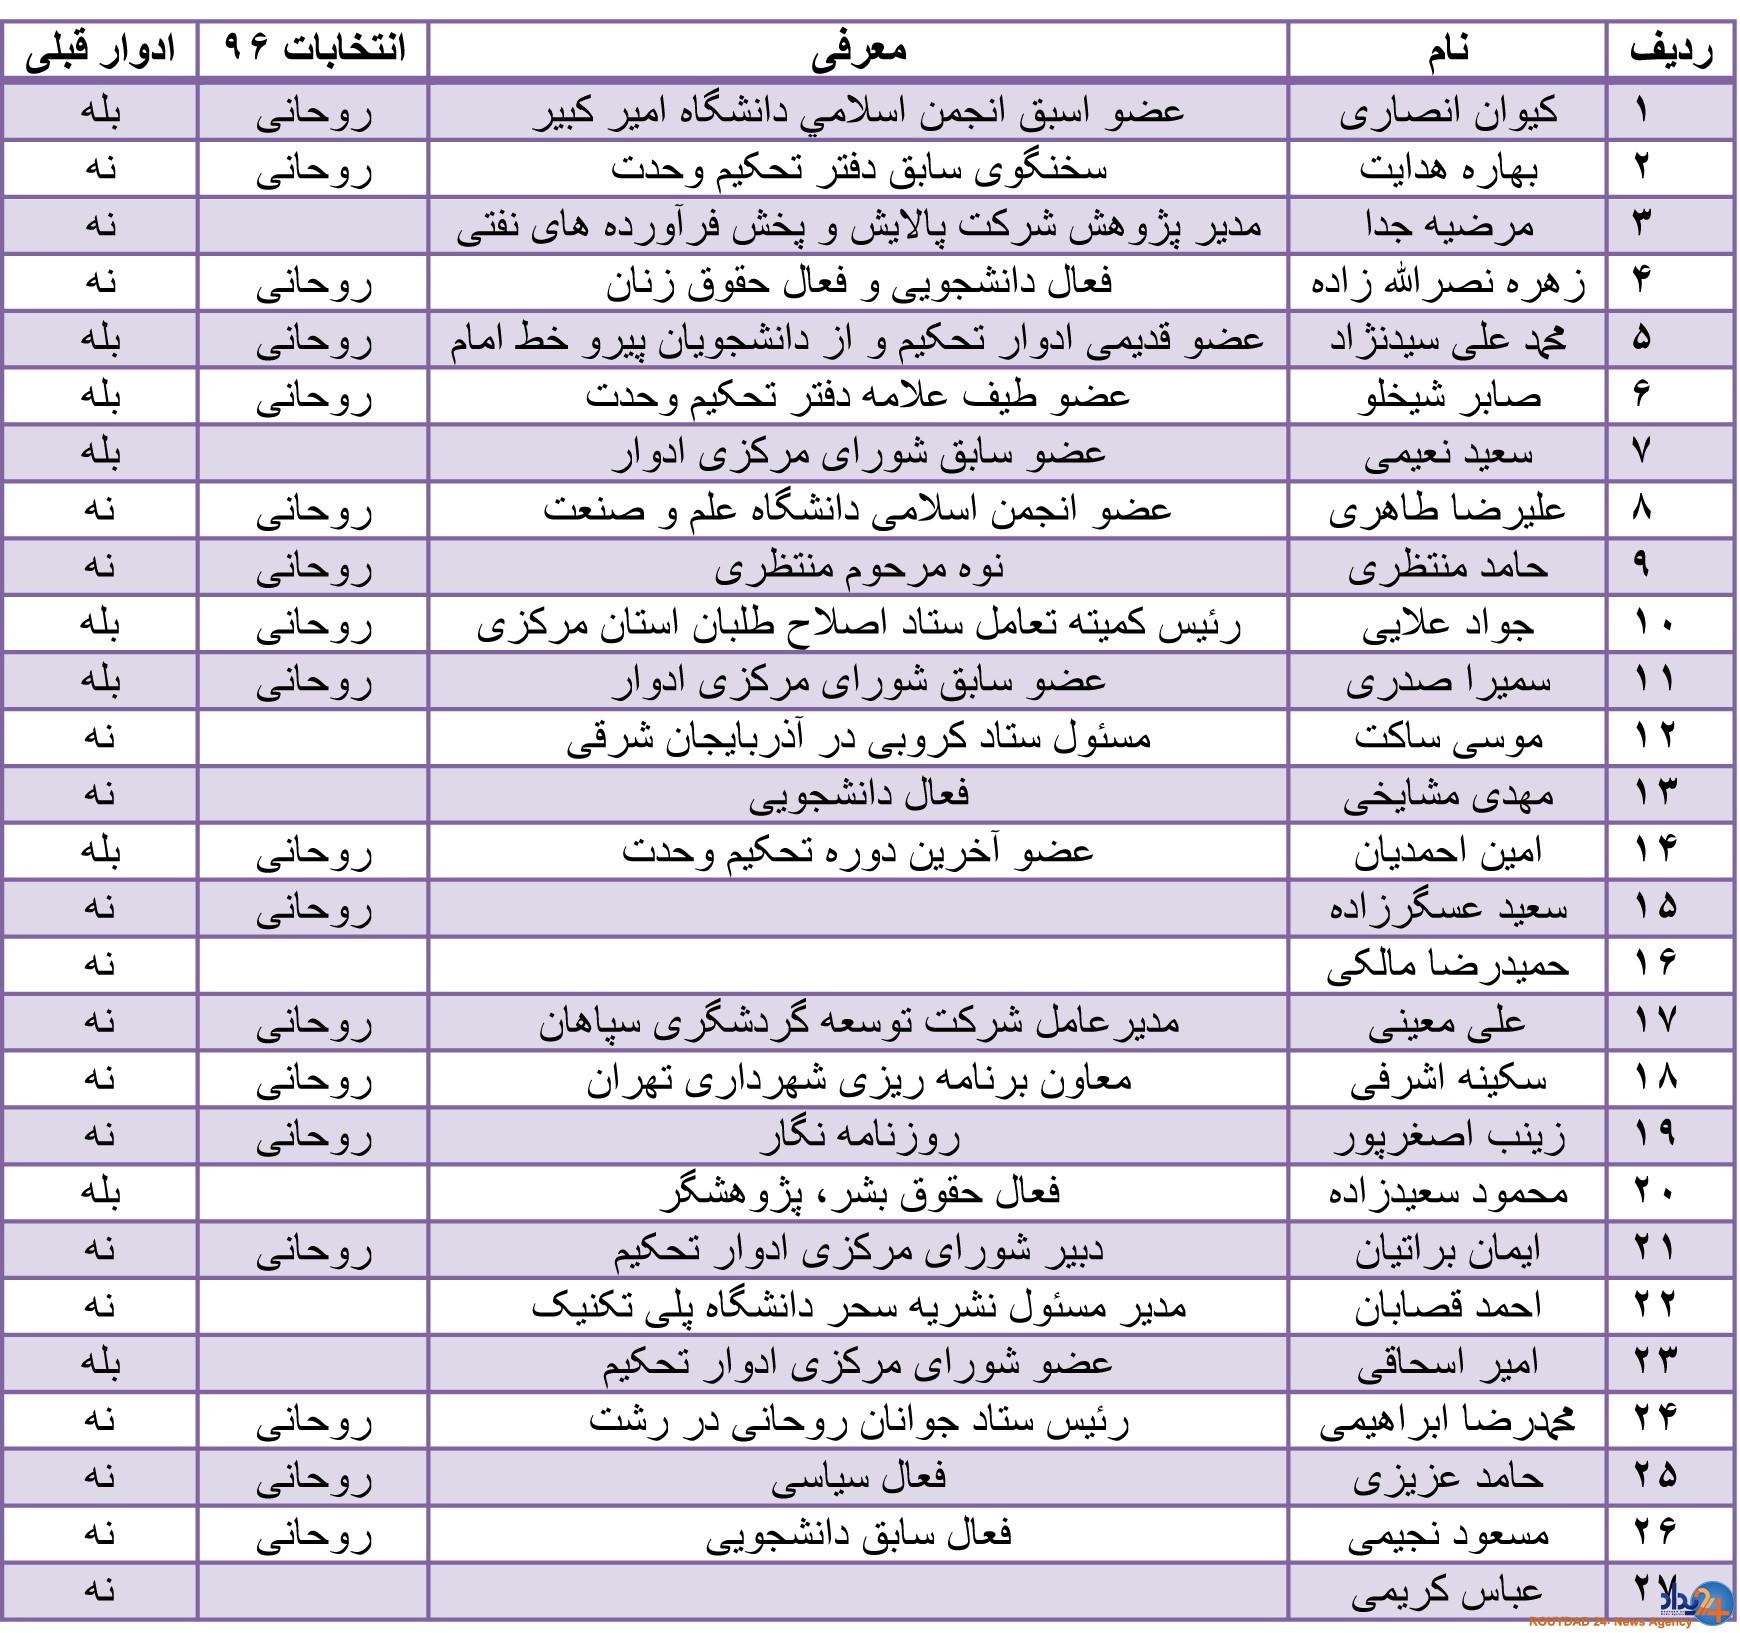 اعضای جدید شورای مرکزی دفتر تحکیم وحدت انتخاب شدند/ حمایت عبدالله مومنی از ترکیب جدید